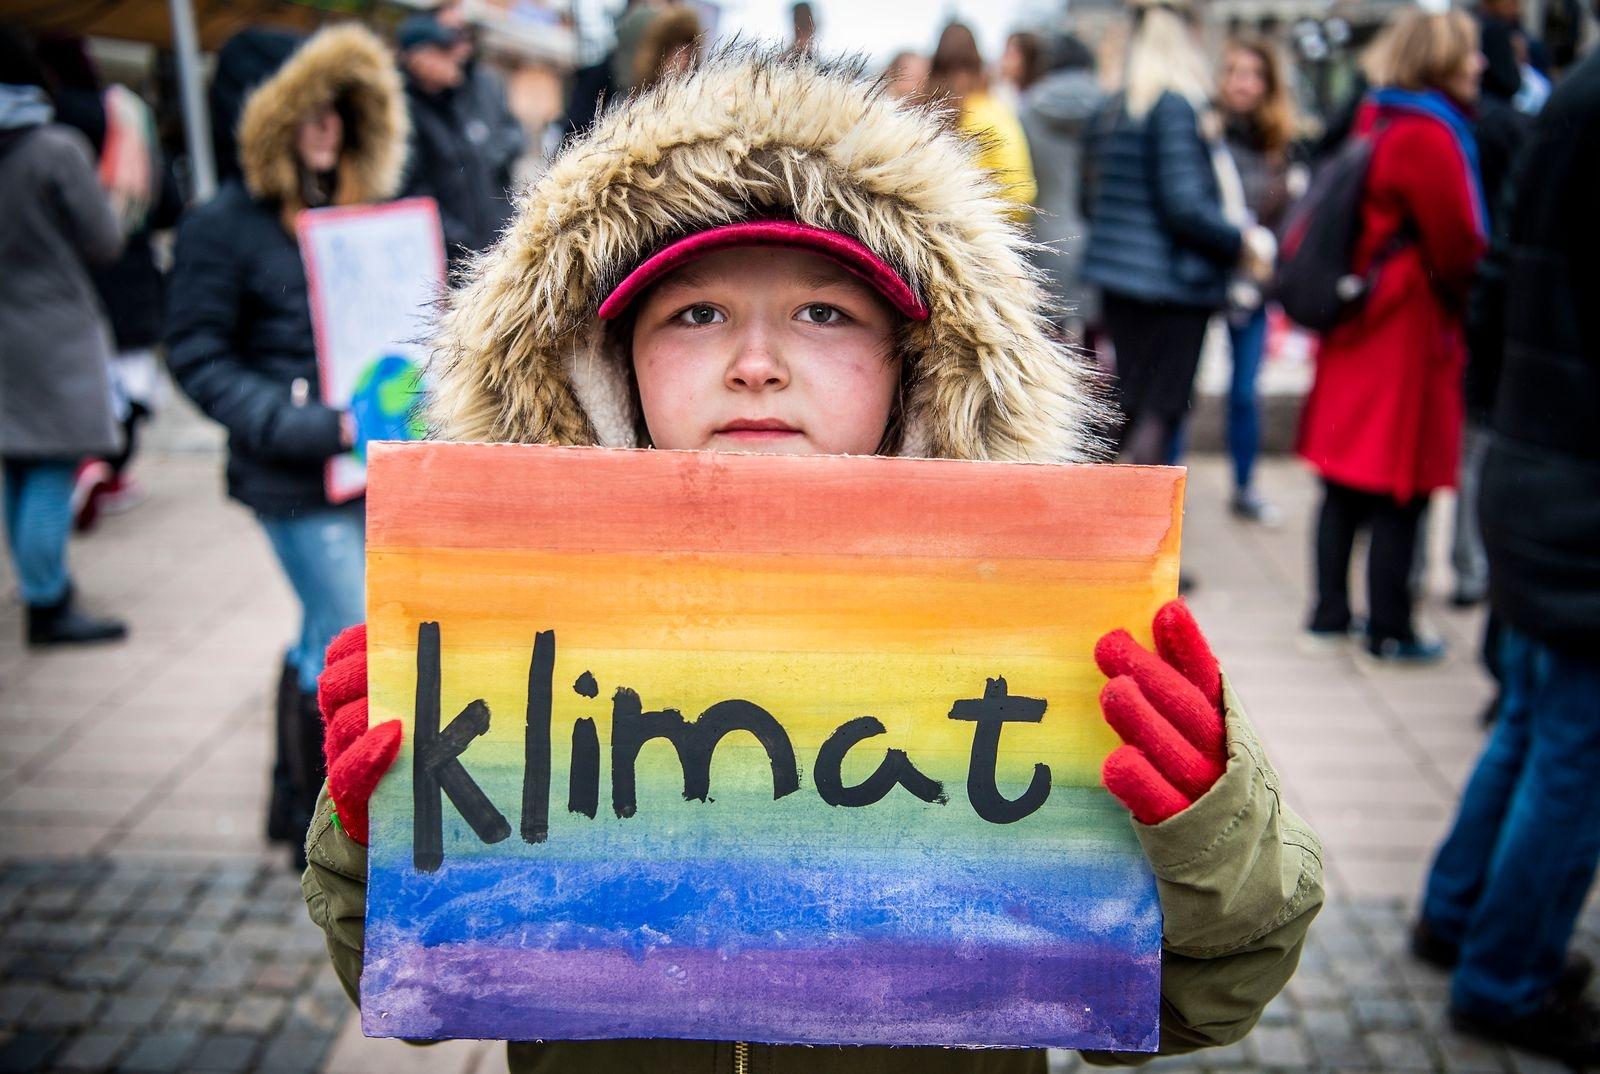 Nioåriga Evelyn Svensson som har gjort sin skylt själv demonstrerar för klimatet.